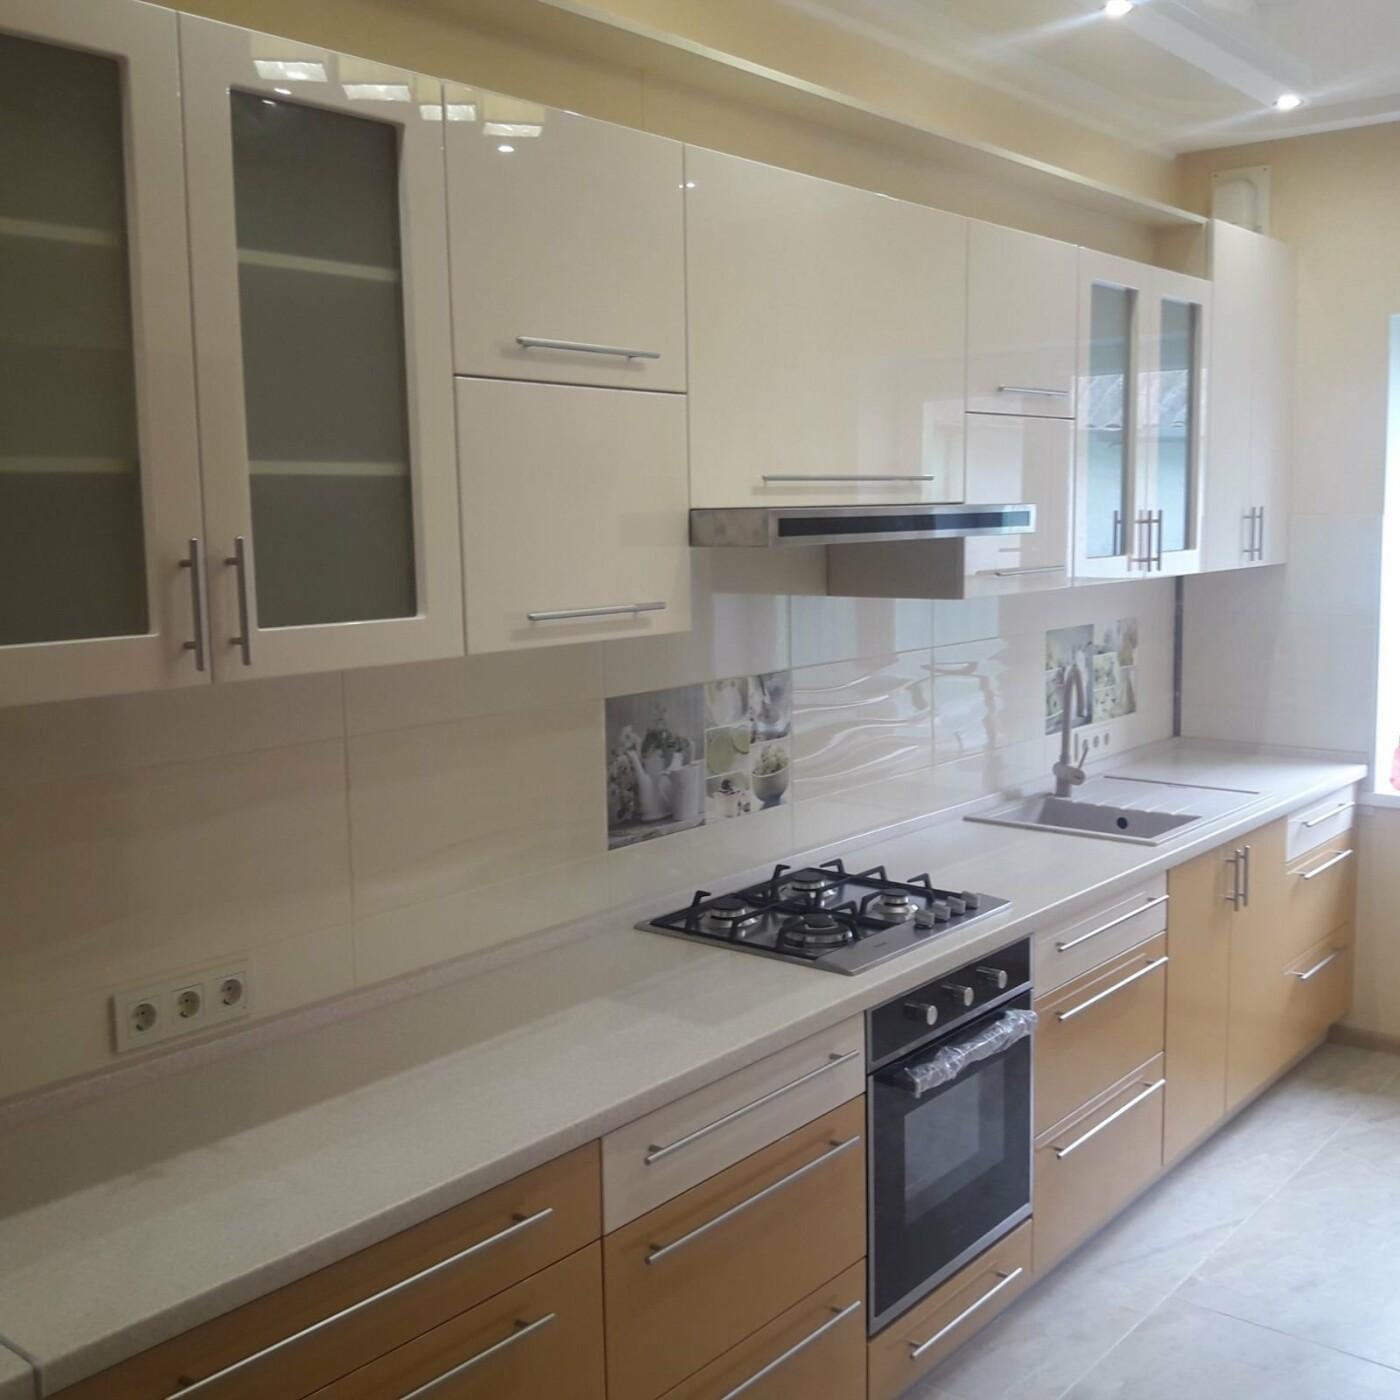 Как подобрать мебель на кухню: 7 лайфаков, как сэкономить и не ошибиться, фото-2